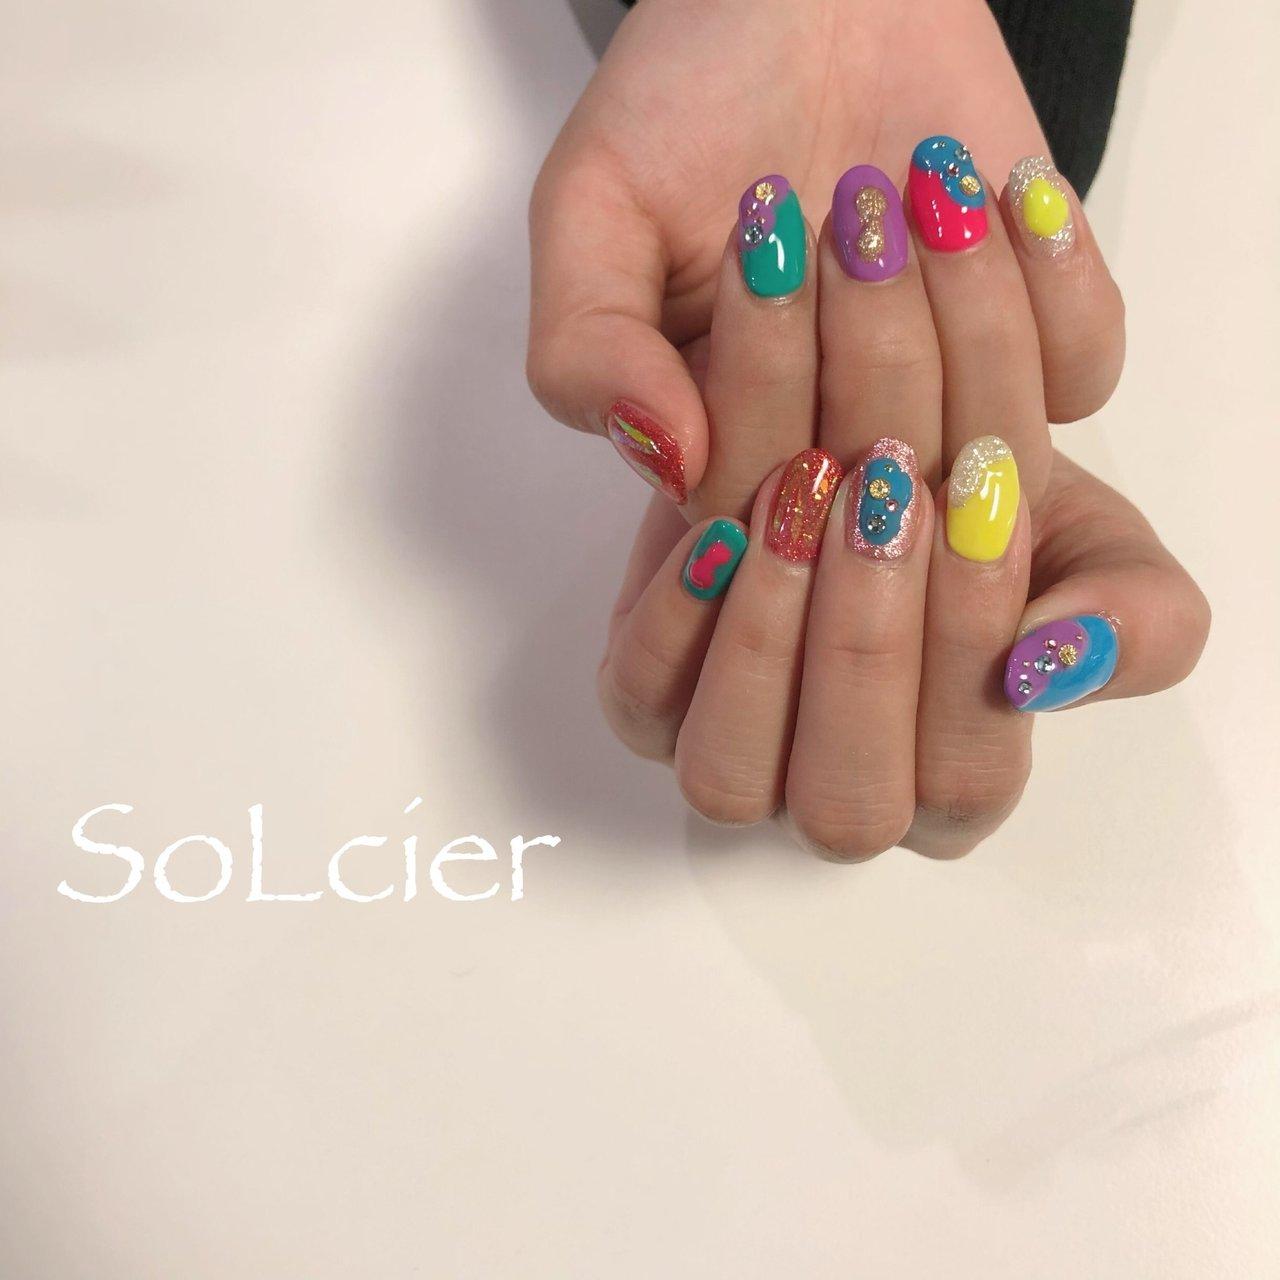 #ハンド #ネオンカラー #【SoLcier】ソルシエ #ネイルブック